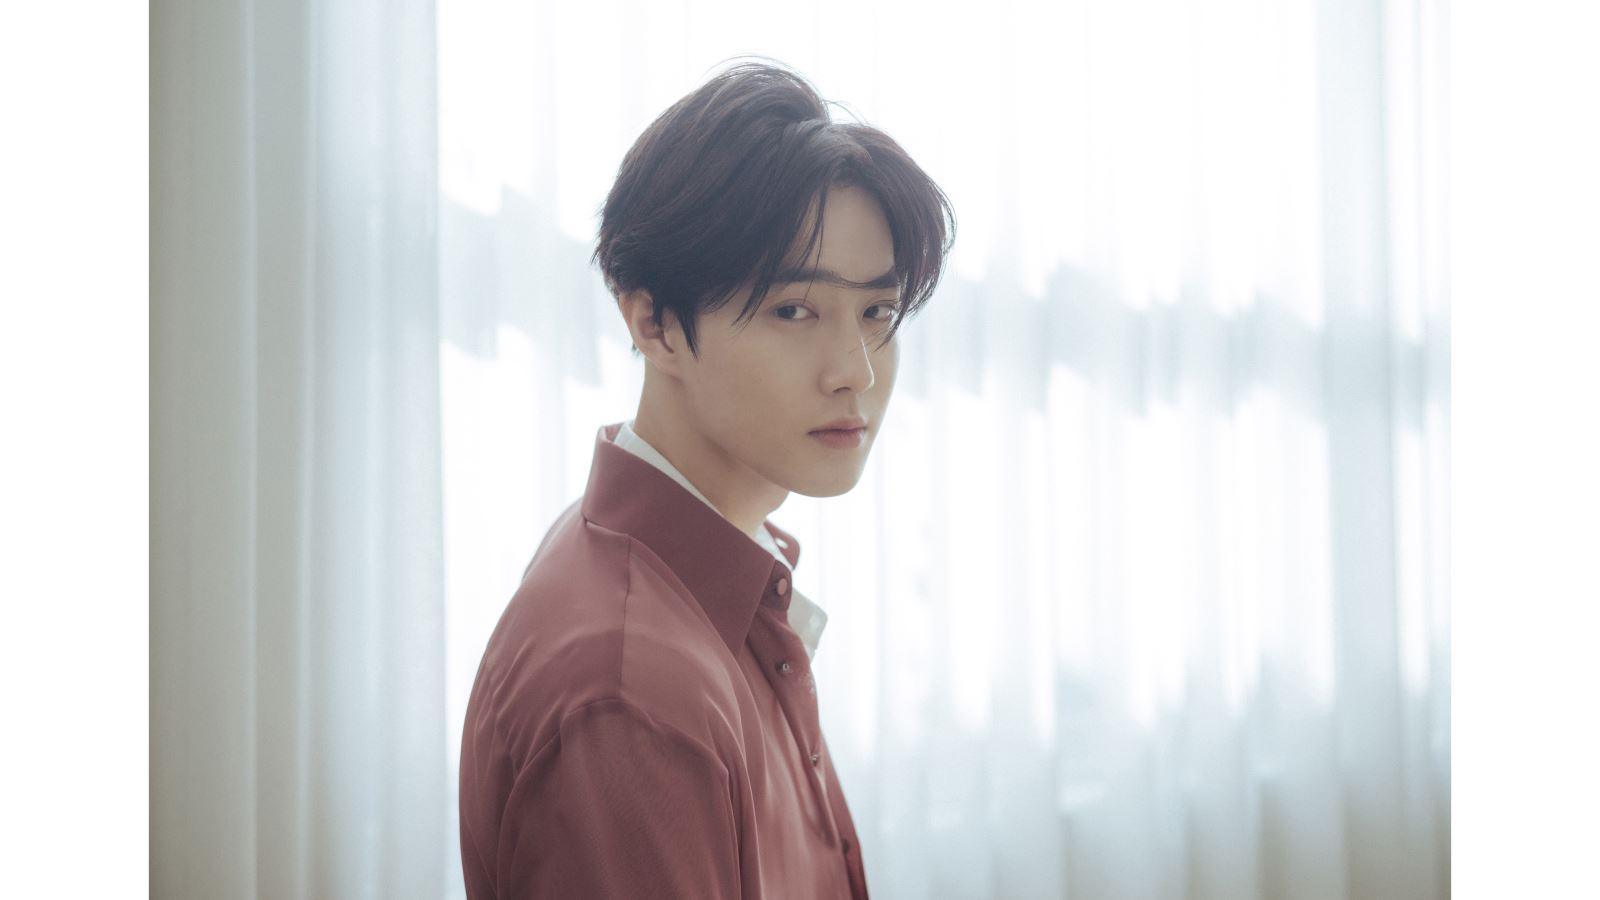 Trưởng nhóm EXO Suho lần đầu ra solo với MV cực đỉnh 'Let's Love'